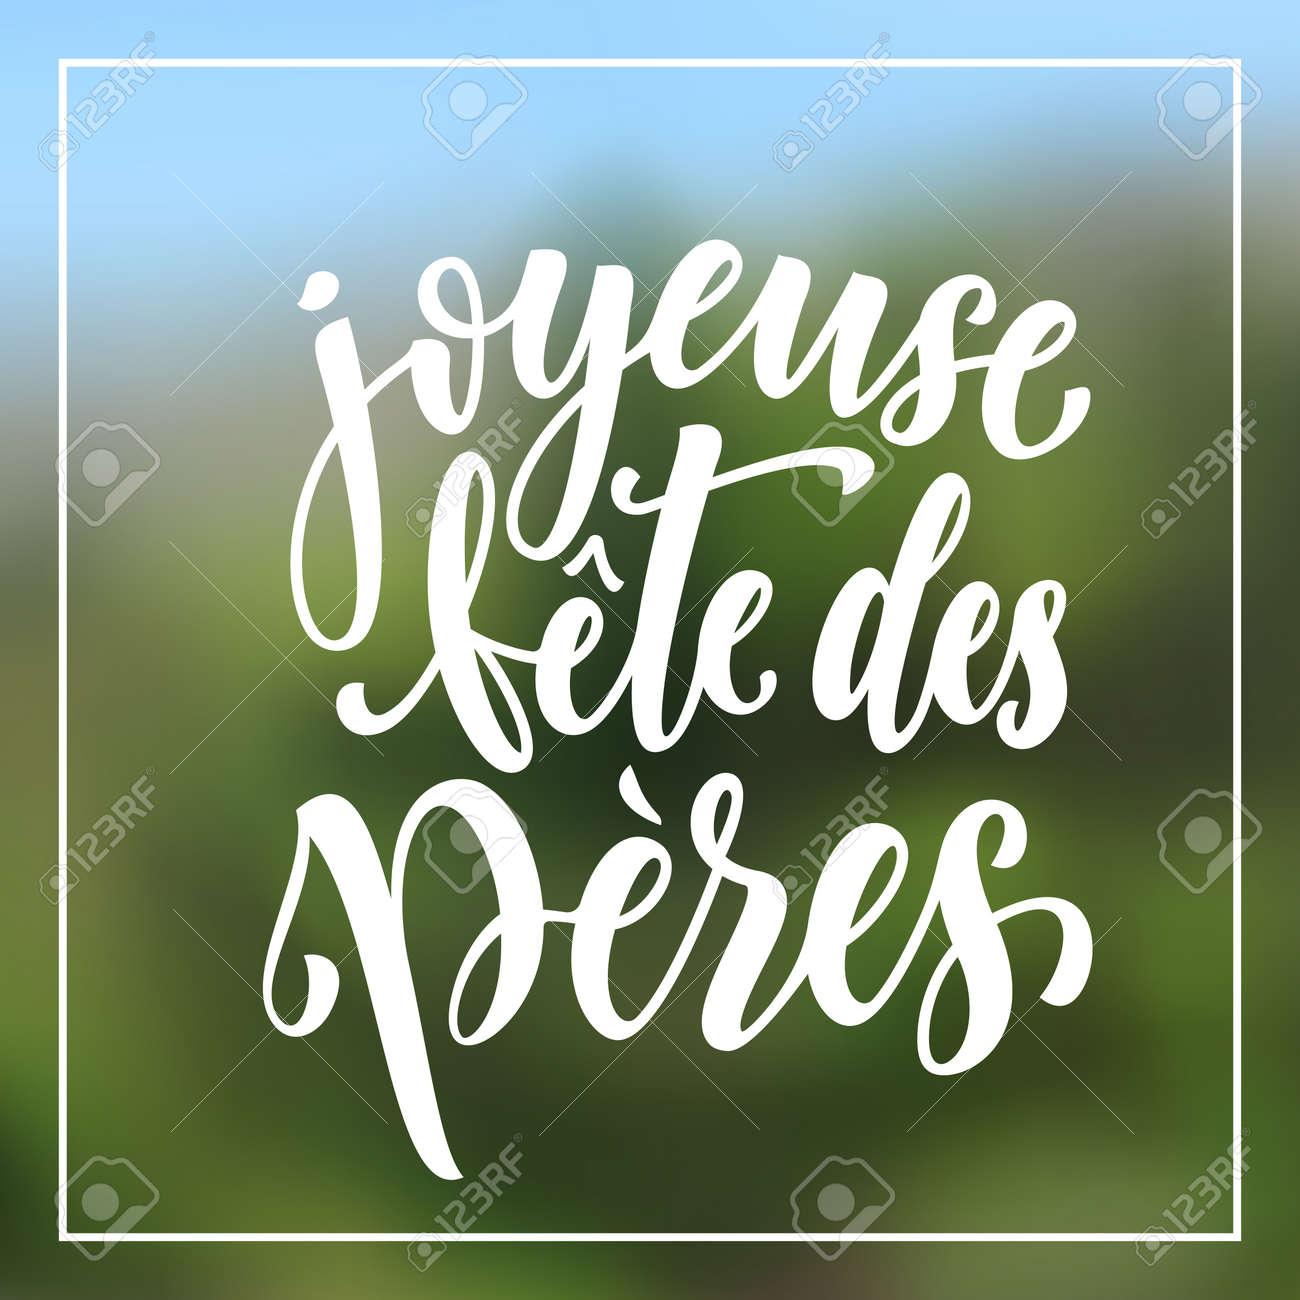 carte de fête des pères Joyeuse Fete Des Peres. French Father Day Greeting Card Text